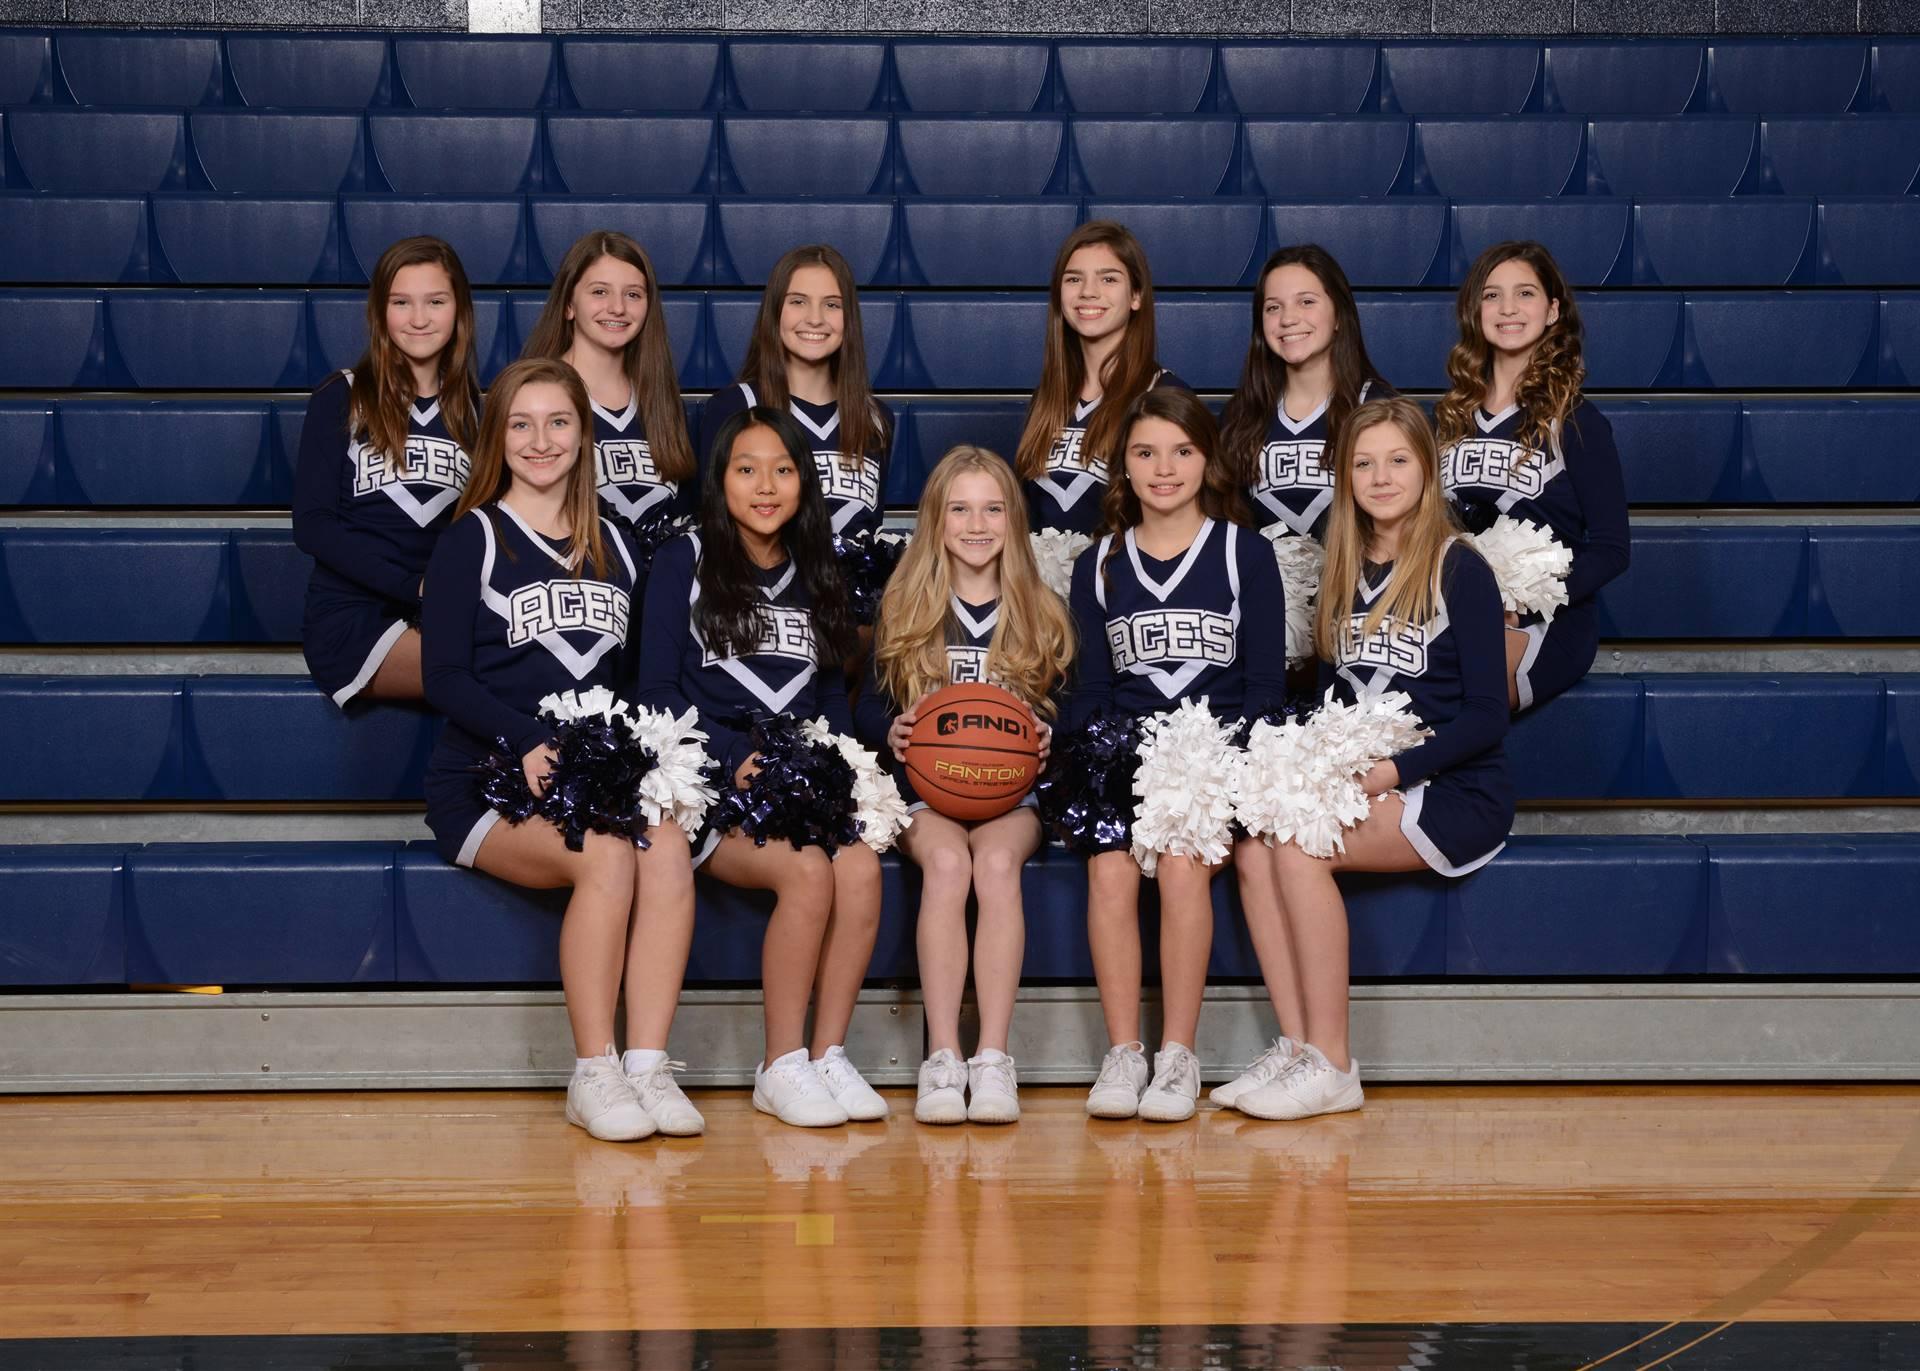 7th Cheer - Basketball